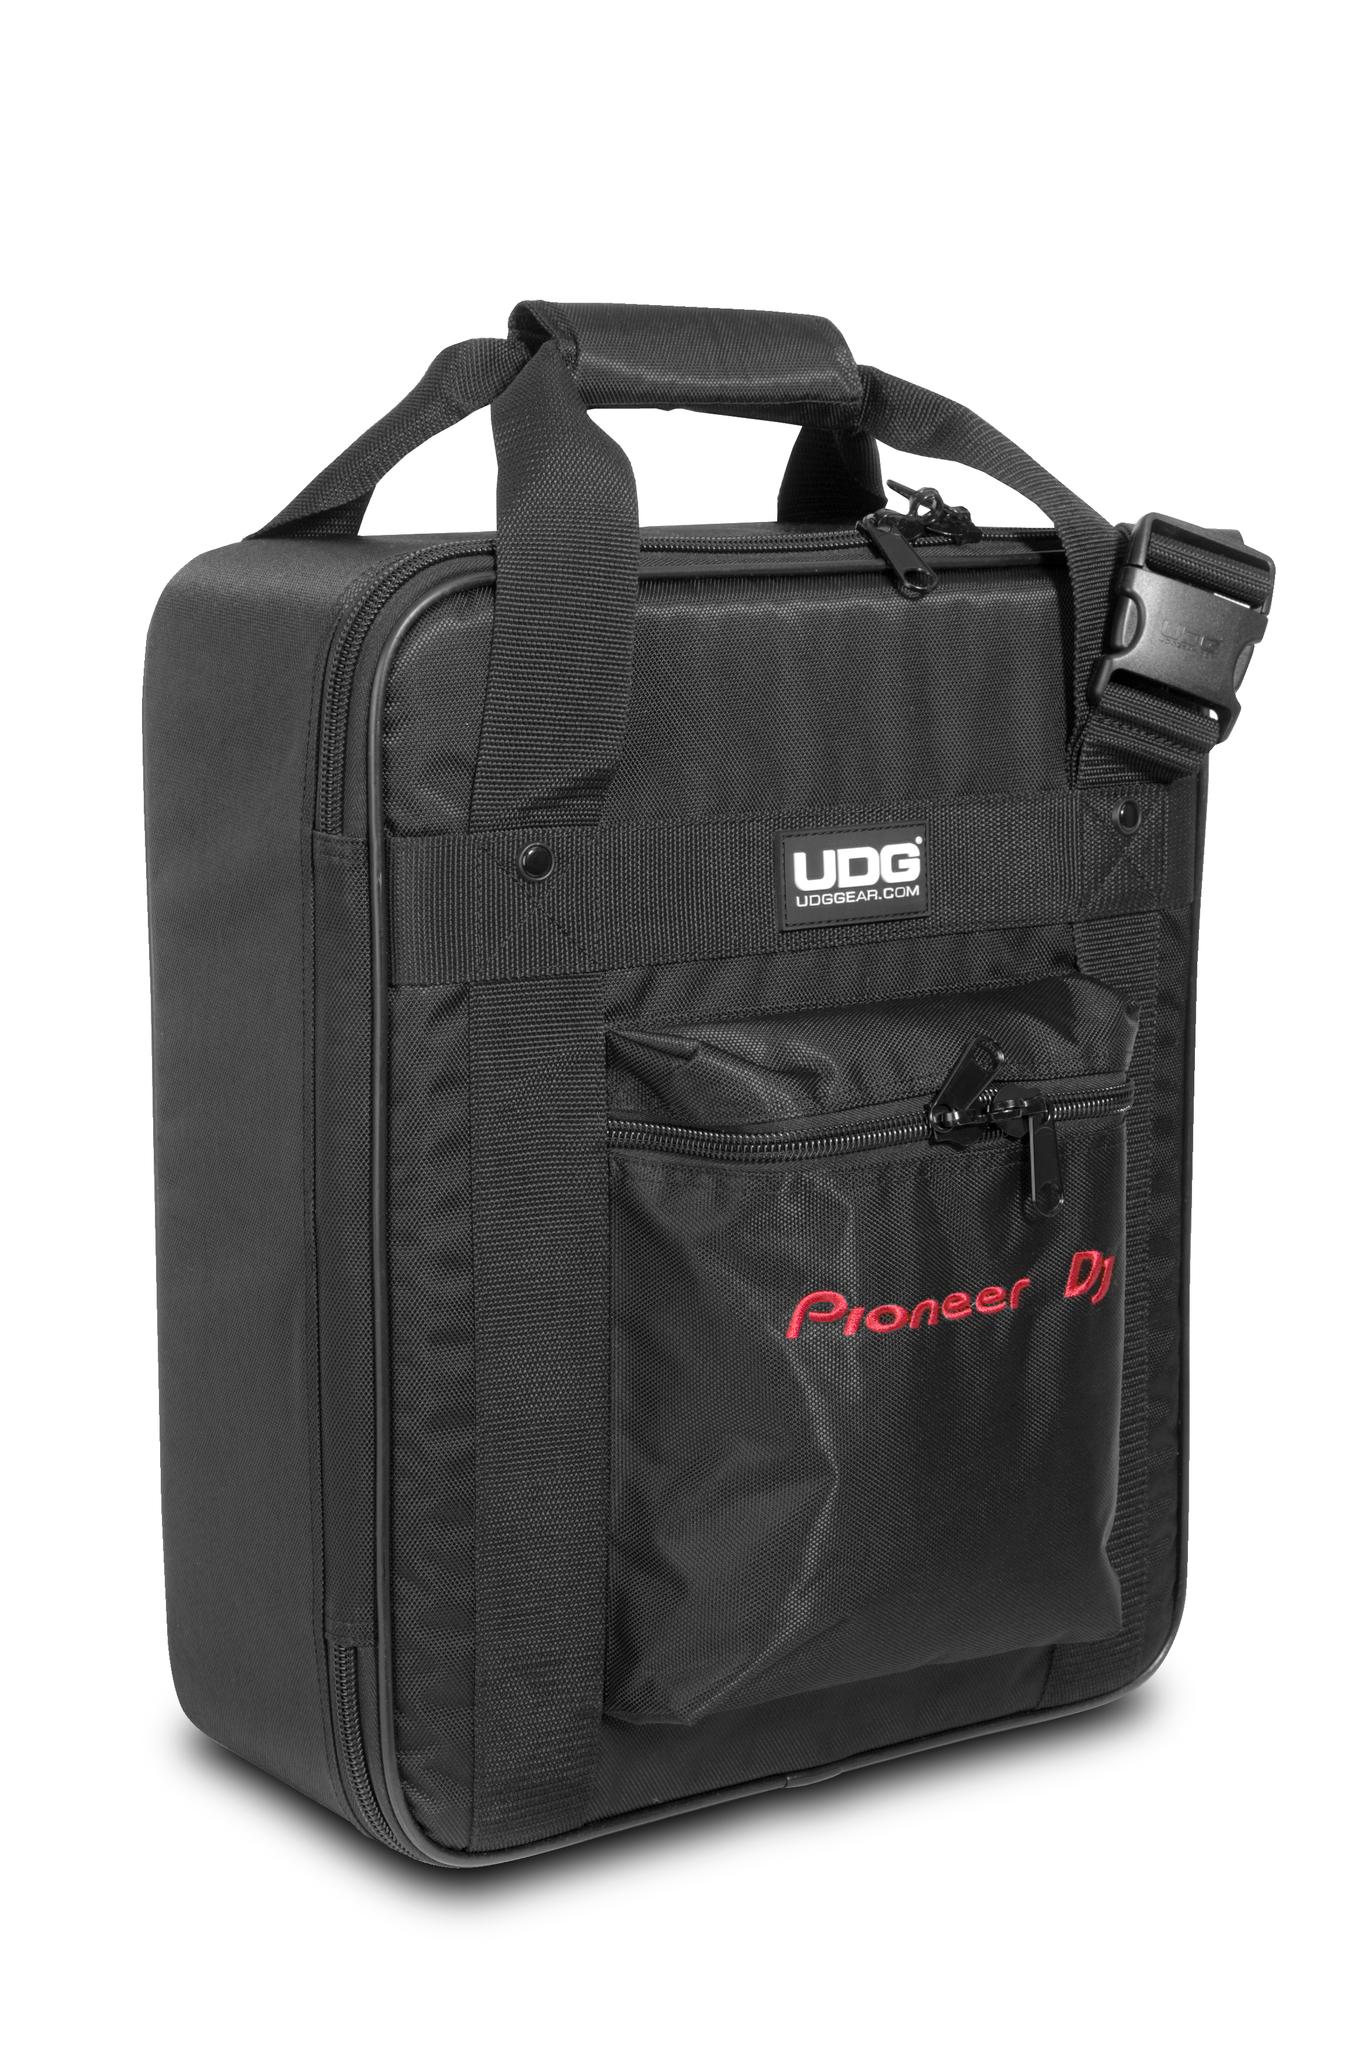 UDG Pioneer CD Player Mixer Bag Large MK2   djservice.se